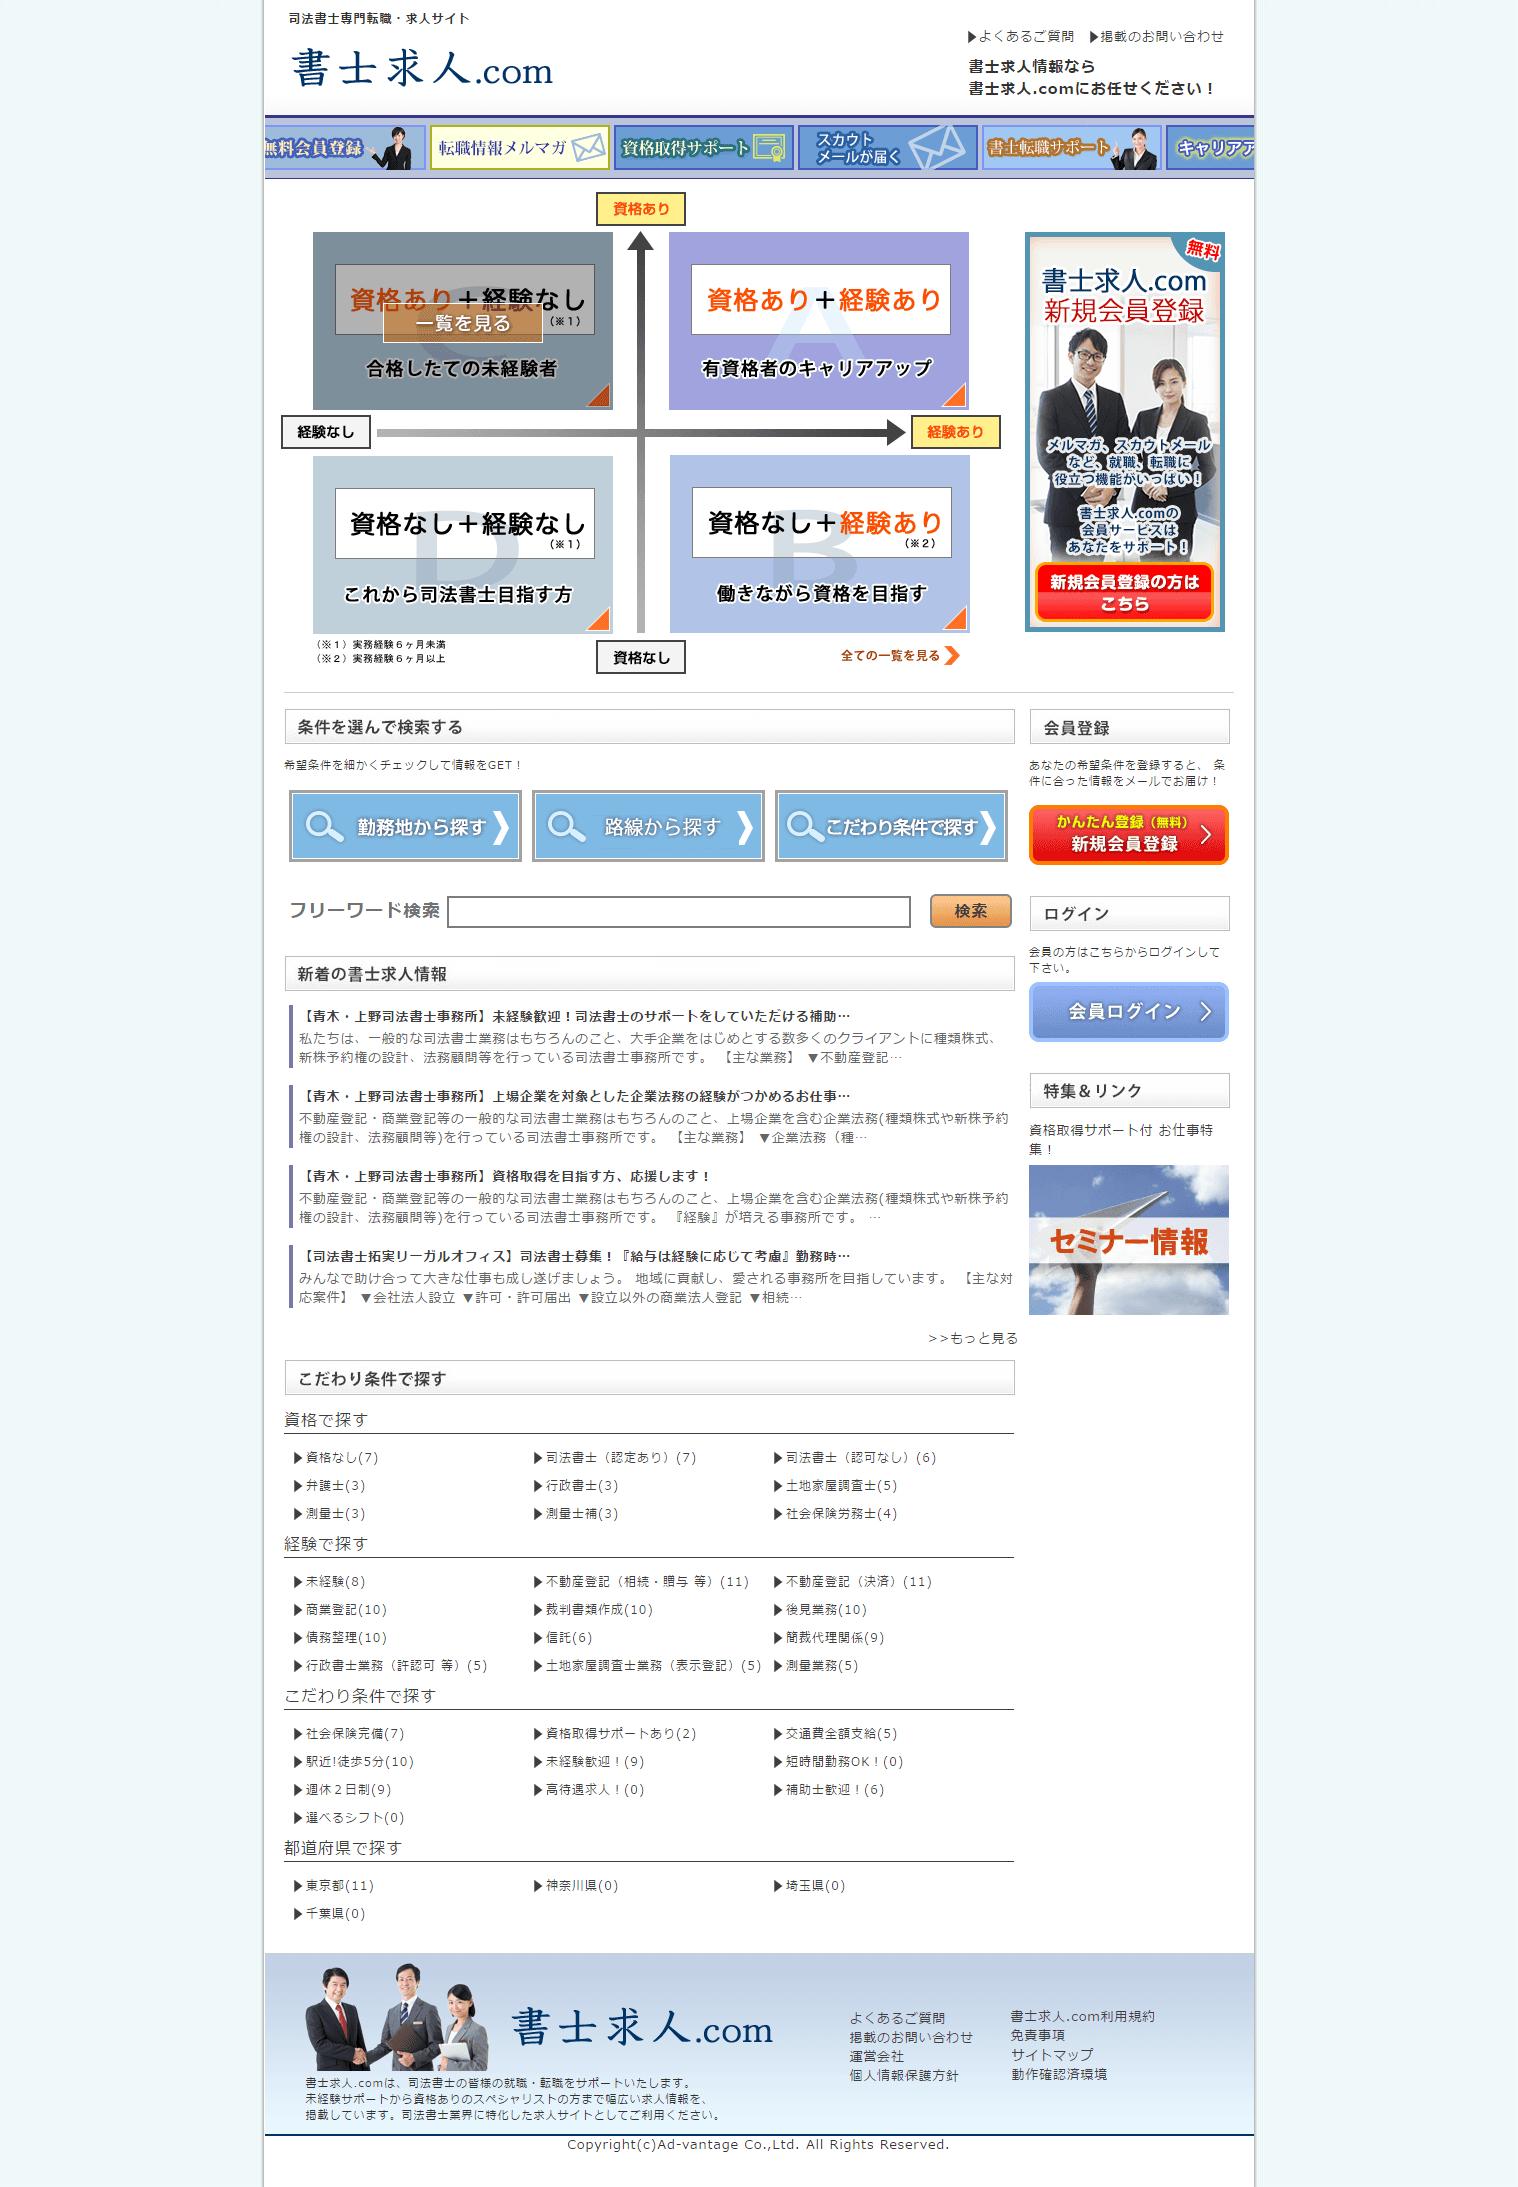 書士求人.com